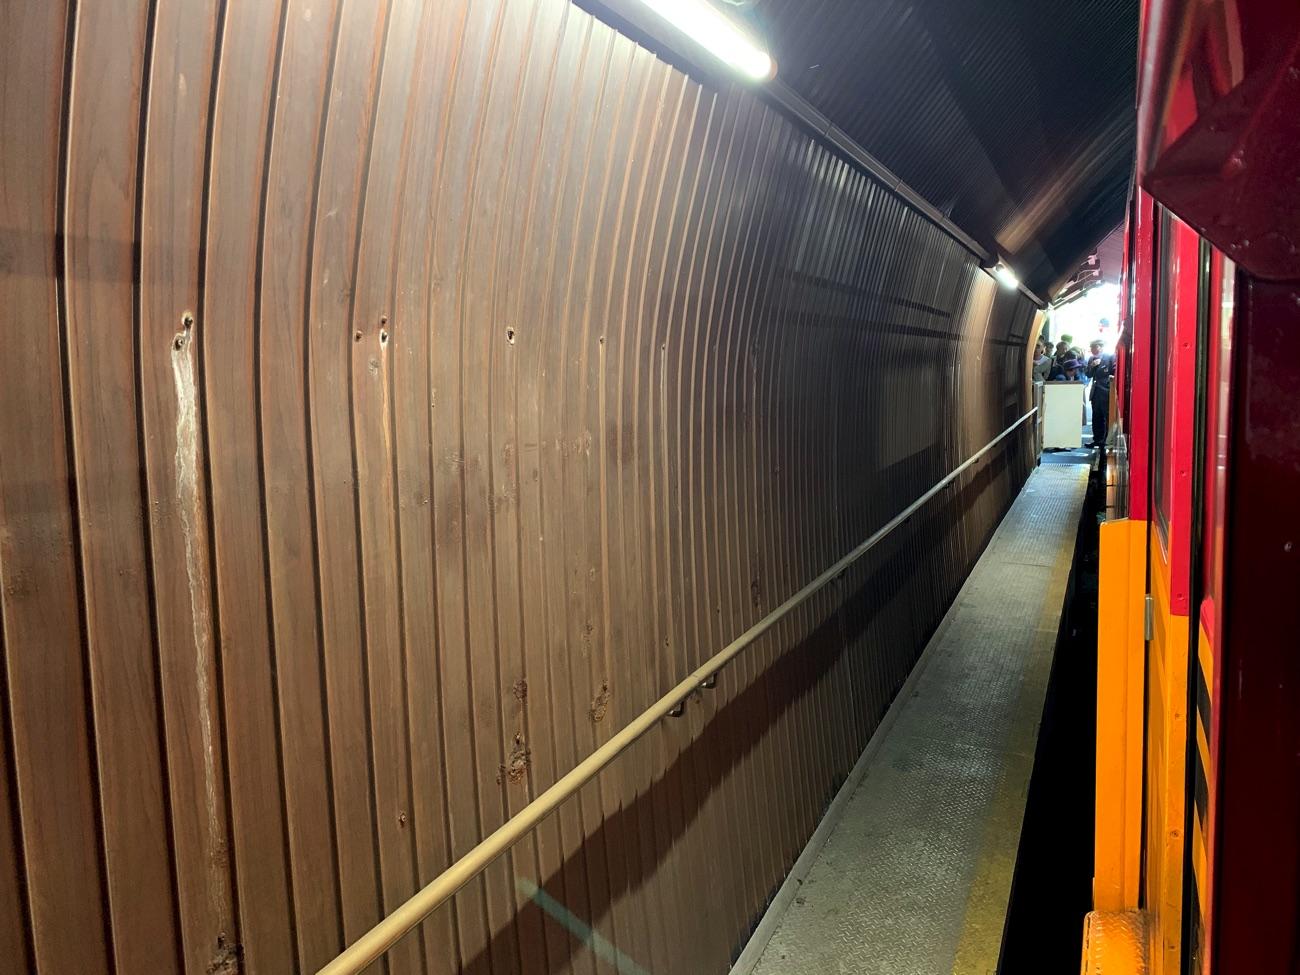 1号車・2号車はトンネル内に停車する